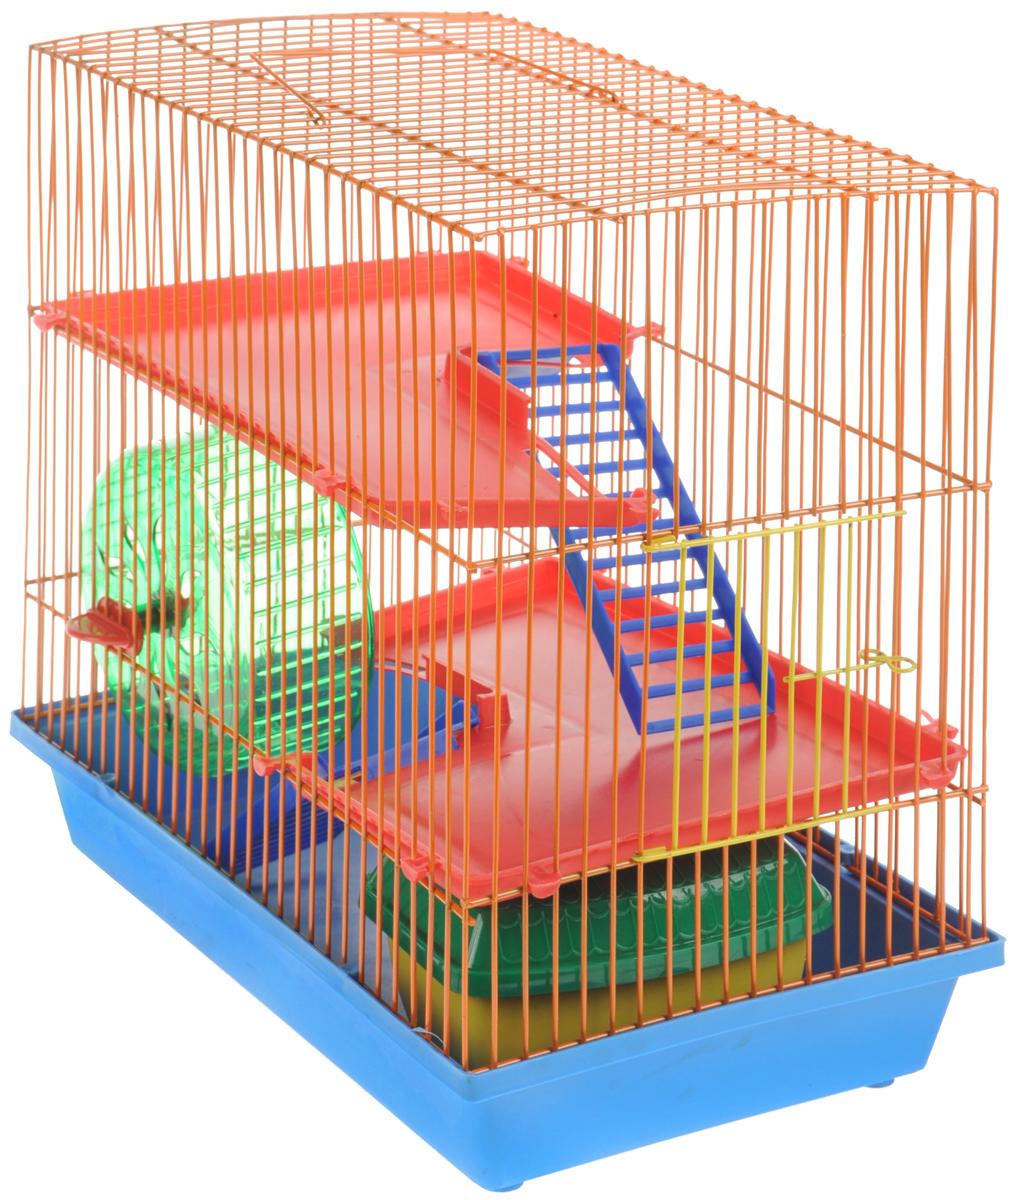 Клетка для грызунов ЗооМарк, 3-этажная, цвет: голубой поддон, оранжевая решетка, красные этажи, 36 х 22,5 х 34 см. 135135СОКлетка ЗооМарк, выполненная из полипропилена и металла, подходит для мелких грызунов. Изделие трехэтажное, оборудовано колесом для подвижных игр и пластиковым домиком. Клетка имеет яркий поддон, удобна в использовании и легко чистится. Сверху имеется ручка для переноски. Такая клетка станет уединенным личным пространством и уютным домиком для маленького грызуна.